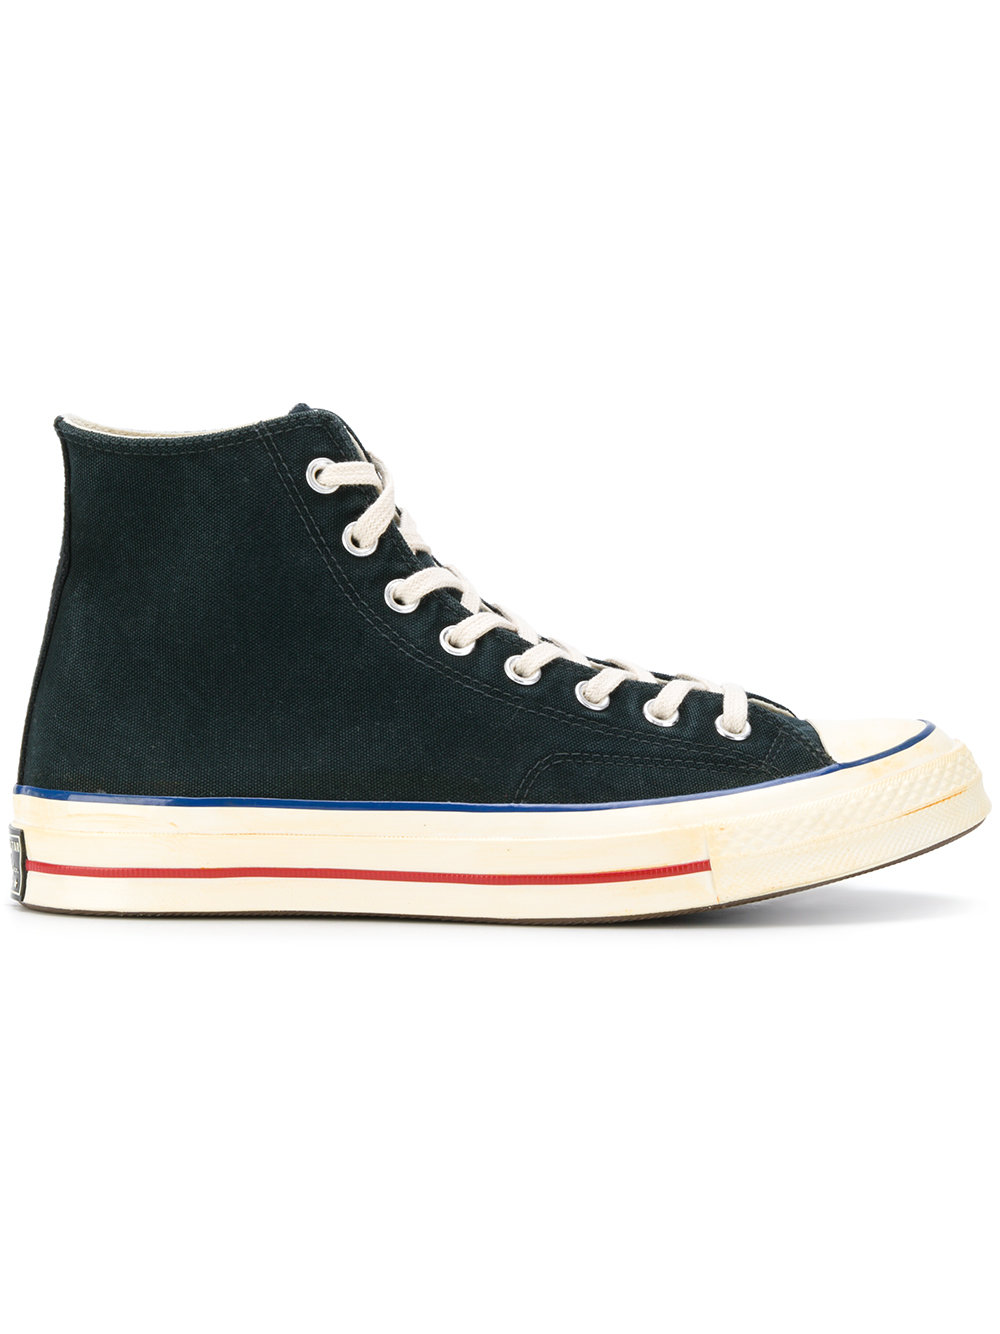 #PopbelaOOTD: Klasik atau Kekinian? yang Mana Sepatu Converse Favoritmu